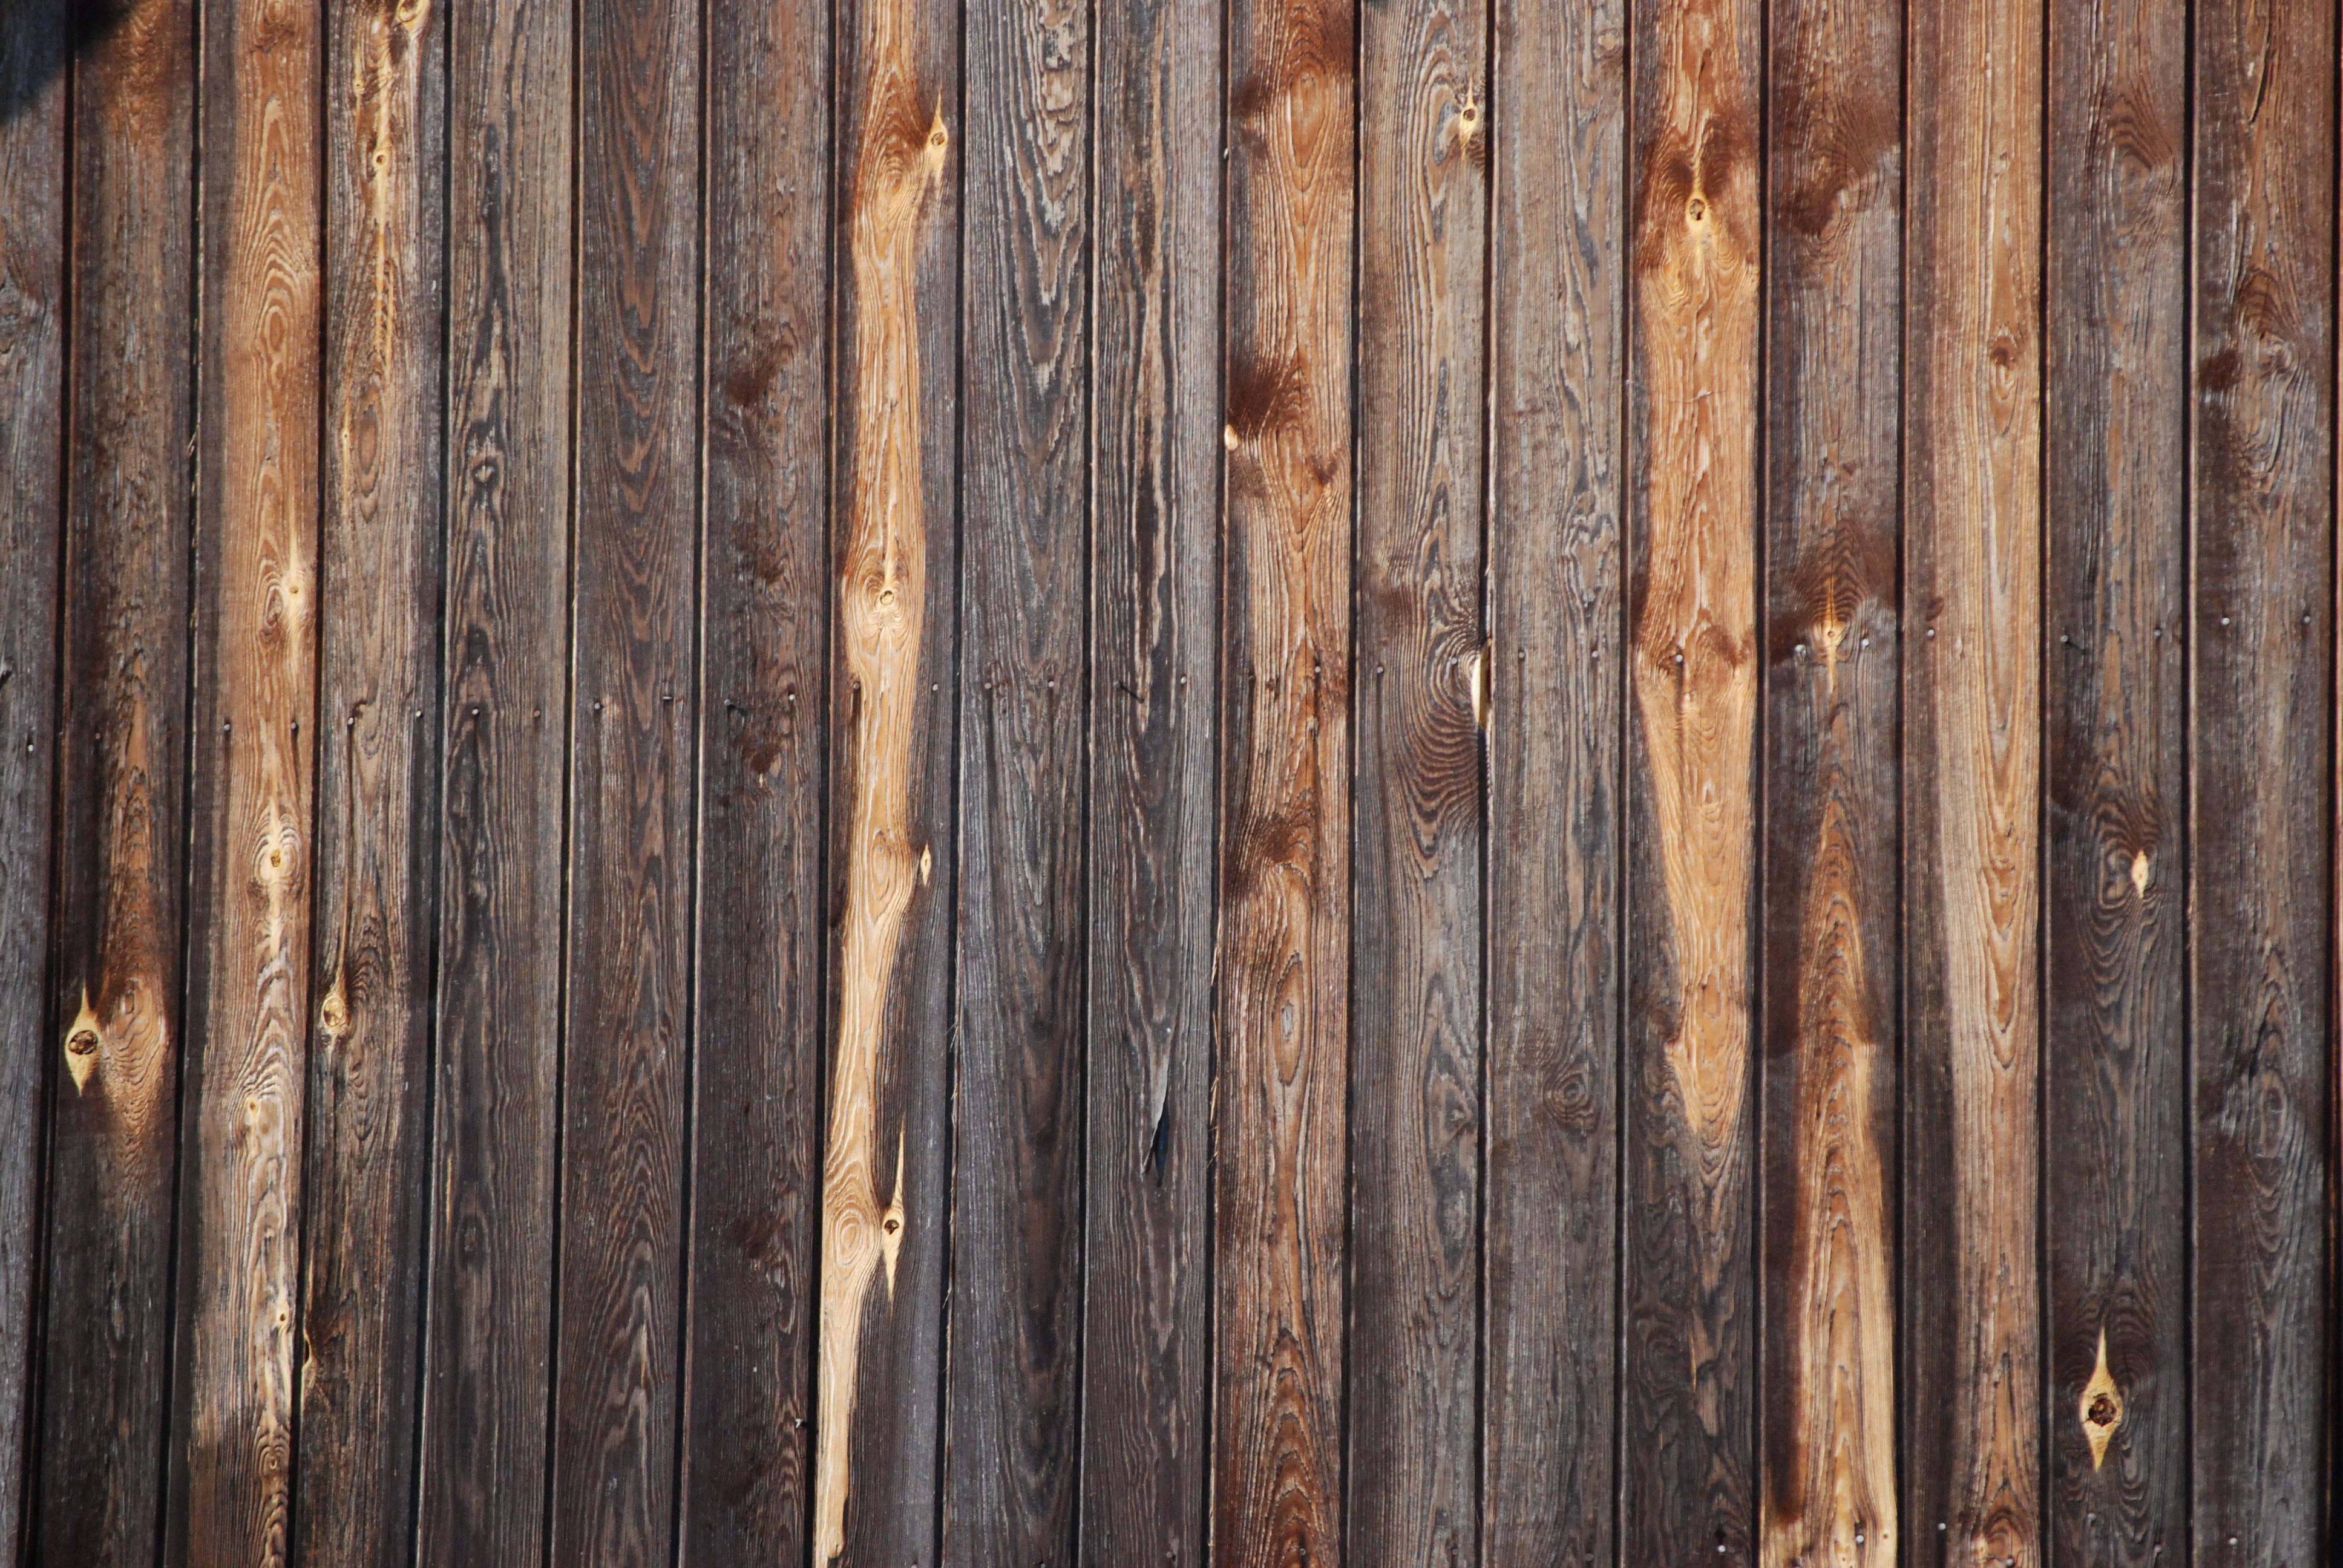 картинки доска дерево текстура шаблон Пиломатериал